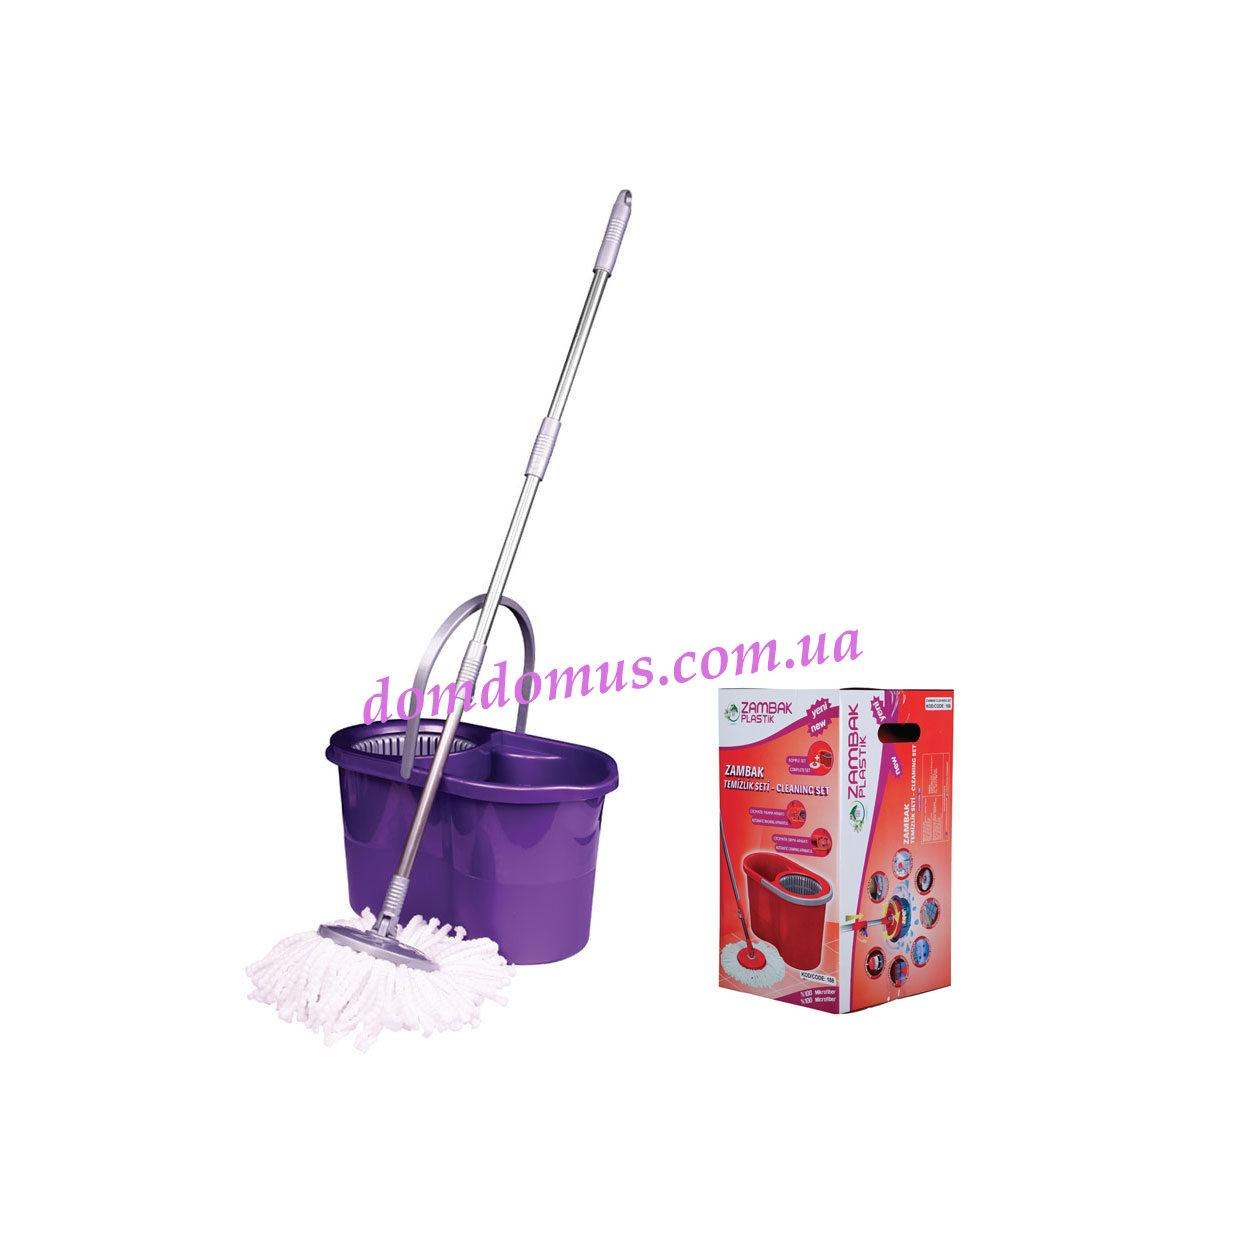 Набор для уборки (ведро, швабра) 188 Zambak Plastik, Турция